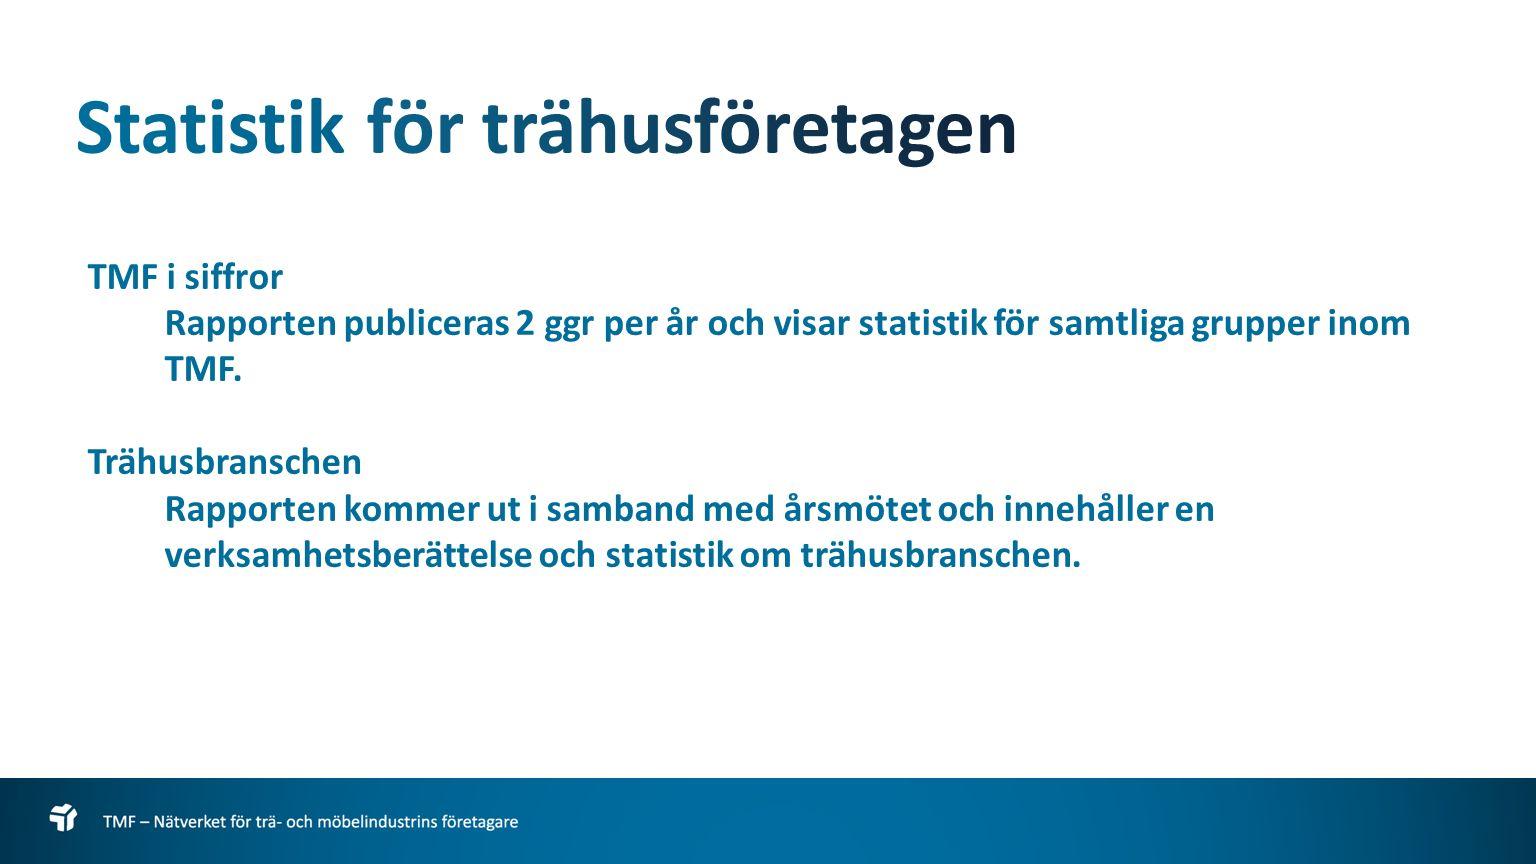 TMF i siffror Rapporten publiceras 2 ggr per år och visar statistik för samtliga grupper inom TMF.